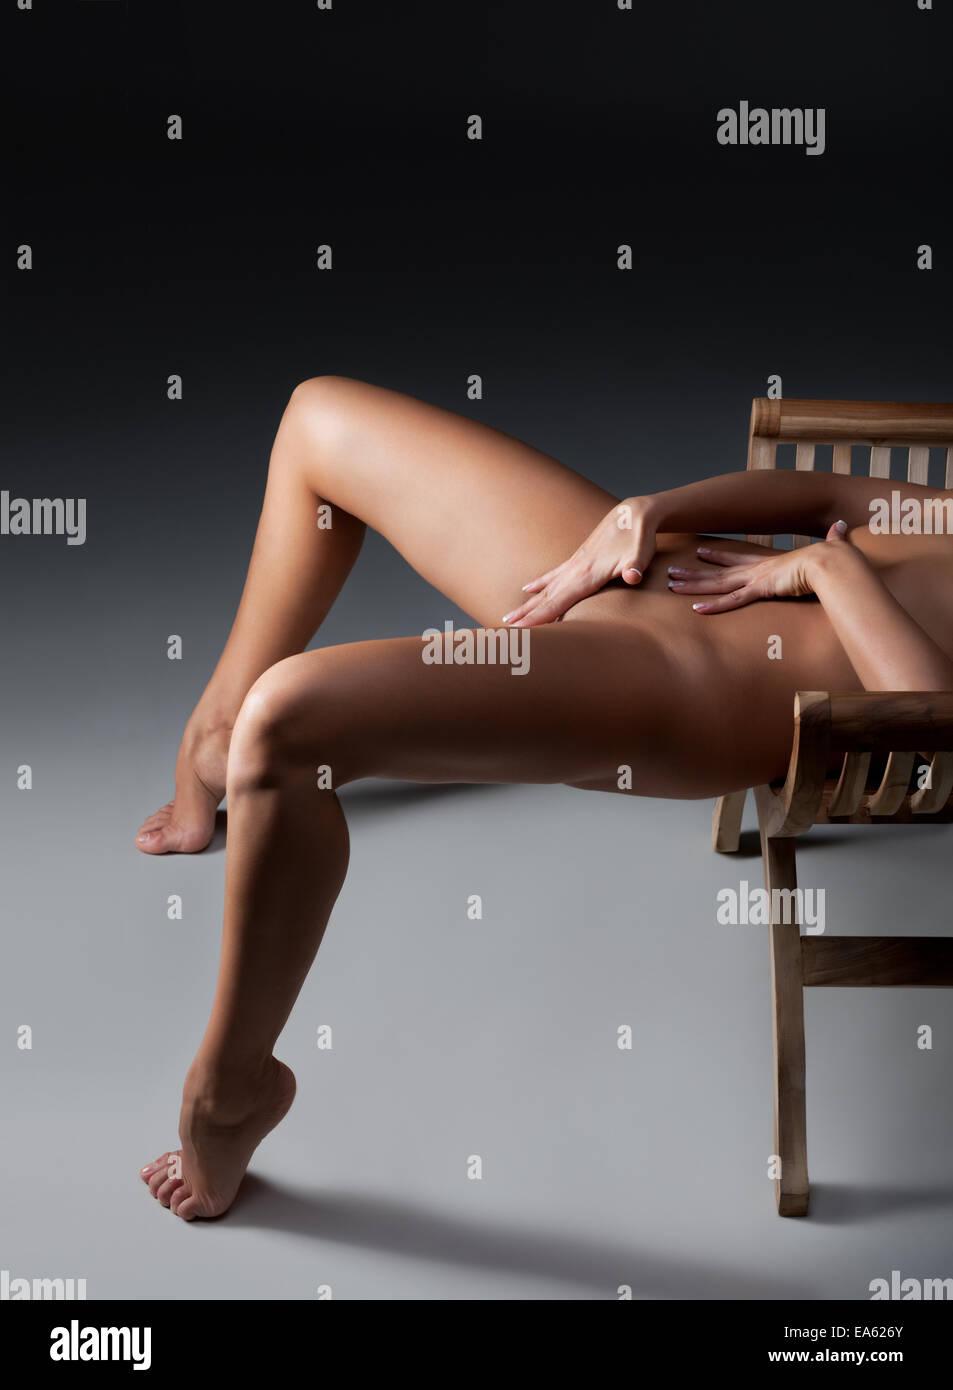 Beau Corps De Femme Nu Photo Stock Alamy